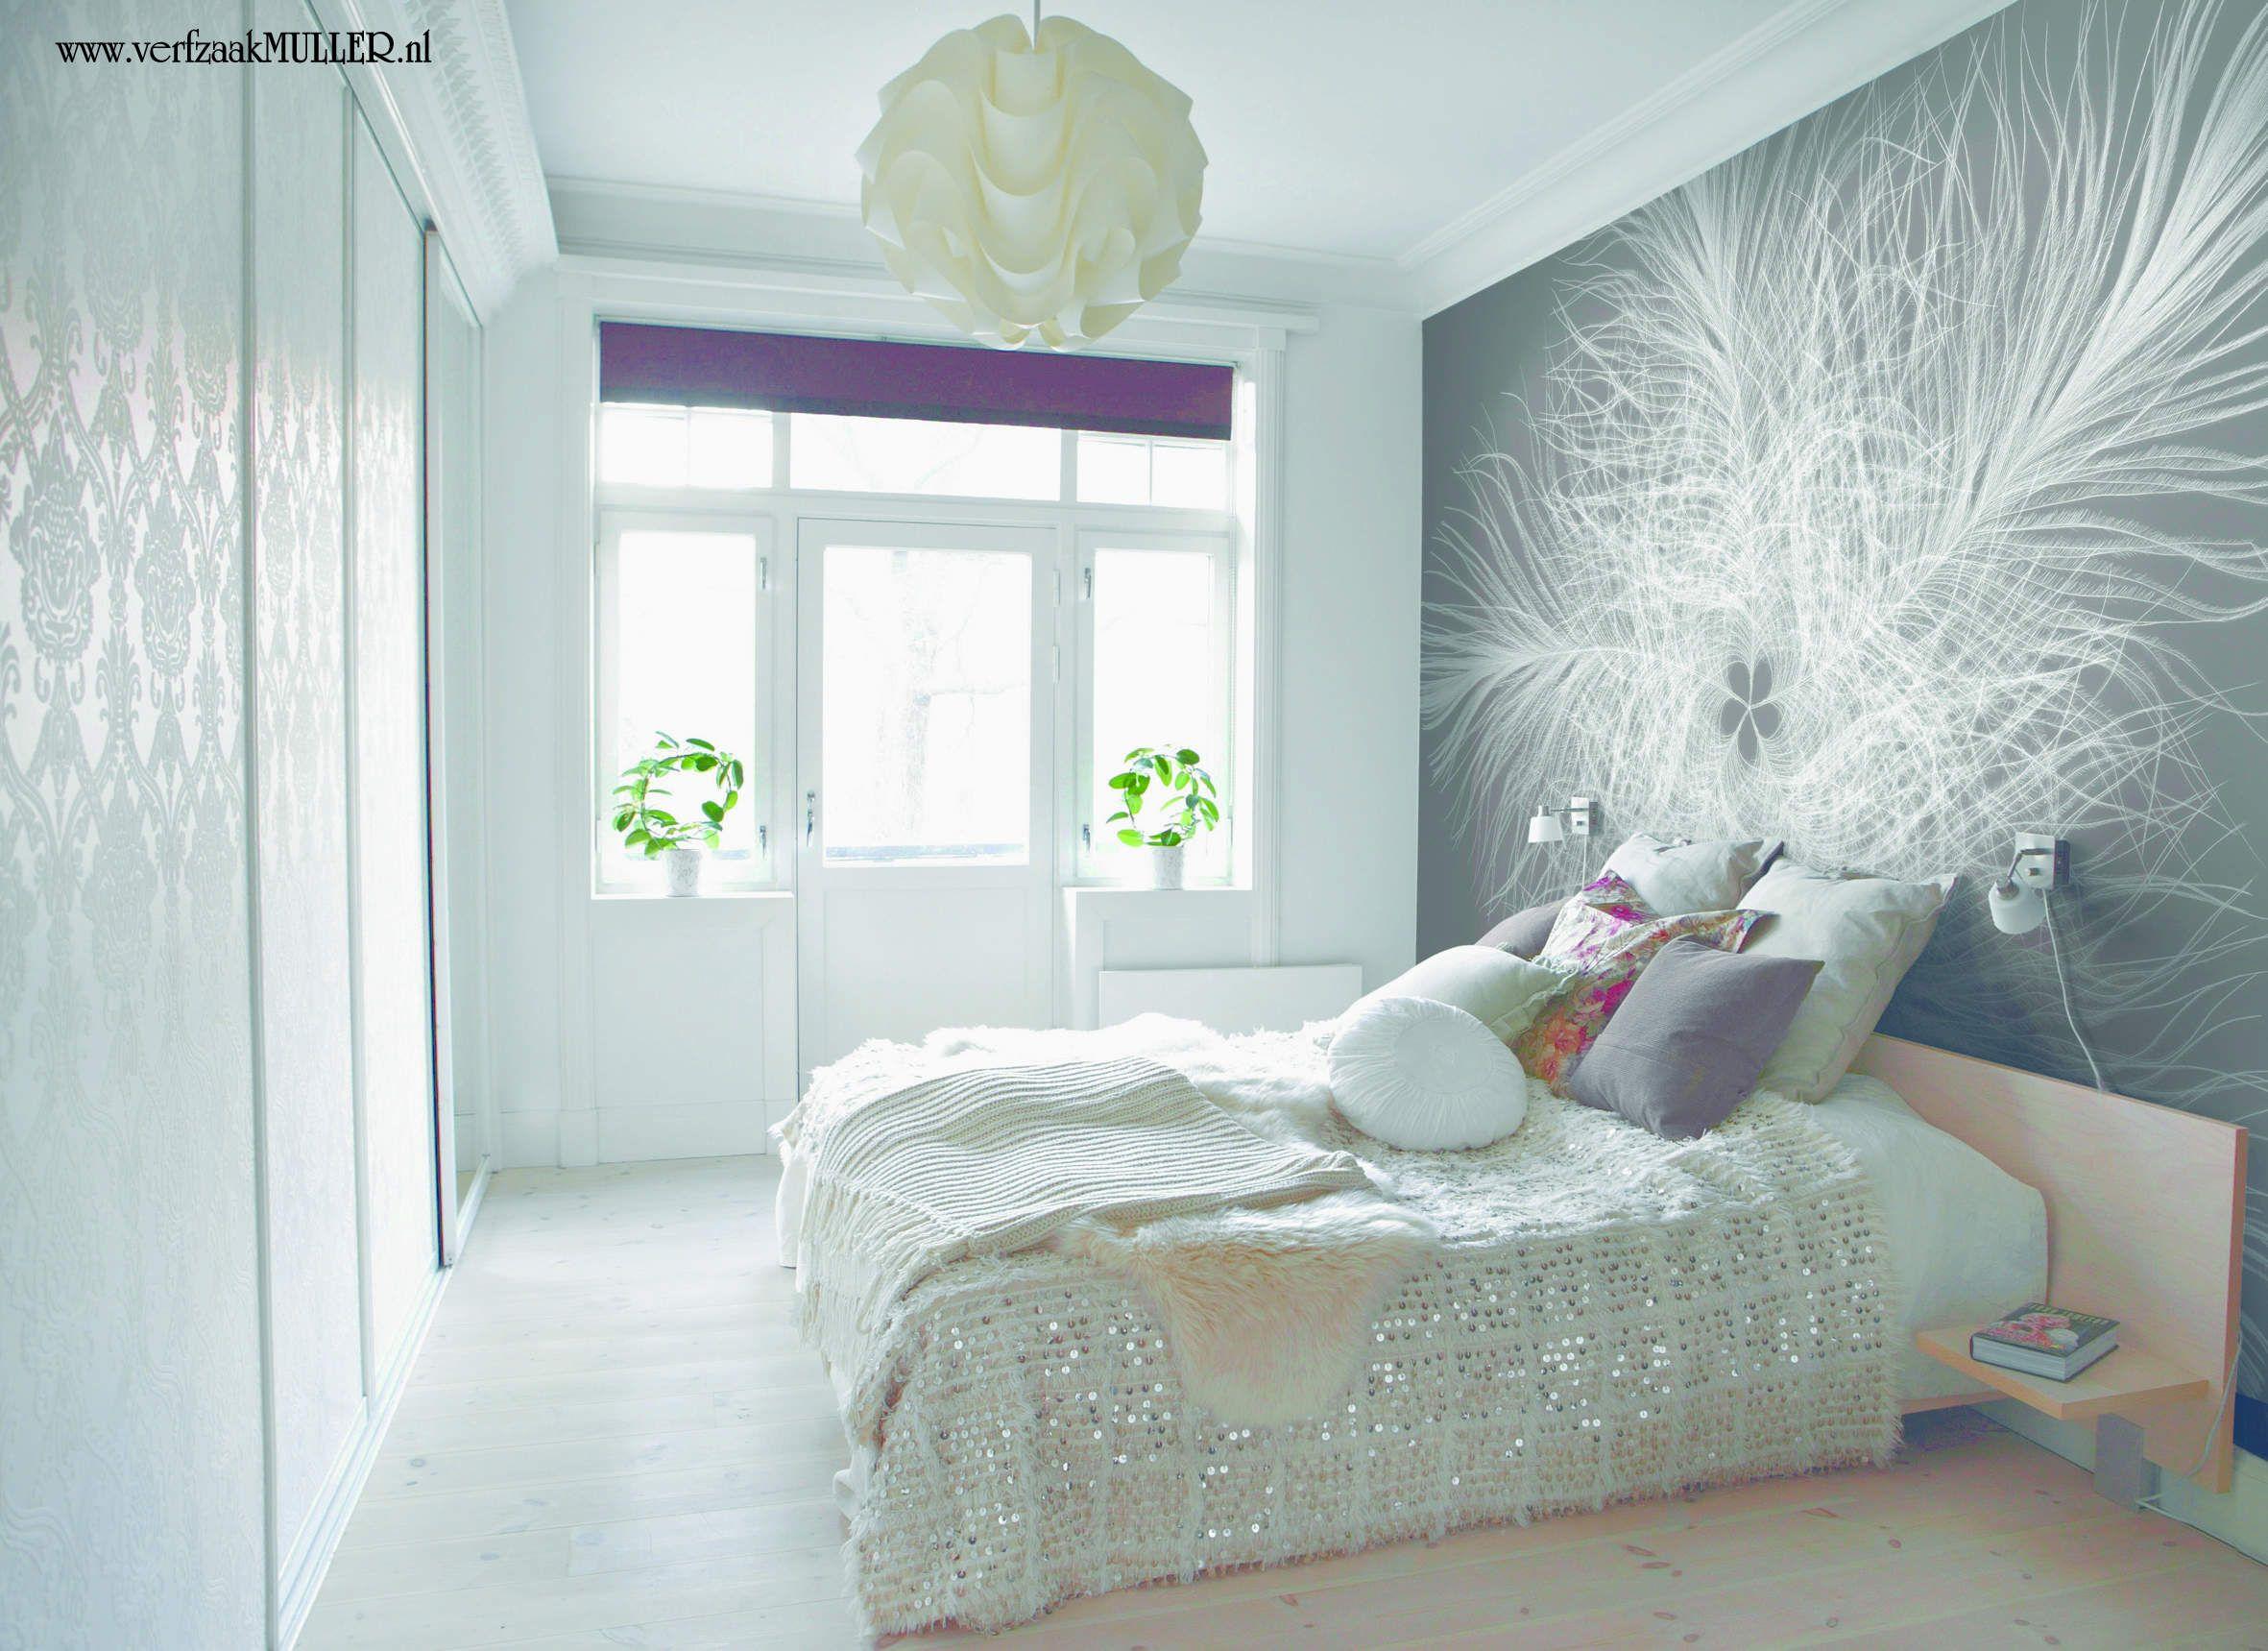 Modern Behang Slaapkamer.Wallpaper Behang Slaapkamer Muur Ontwerpen Slaapkamer